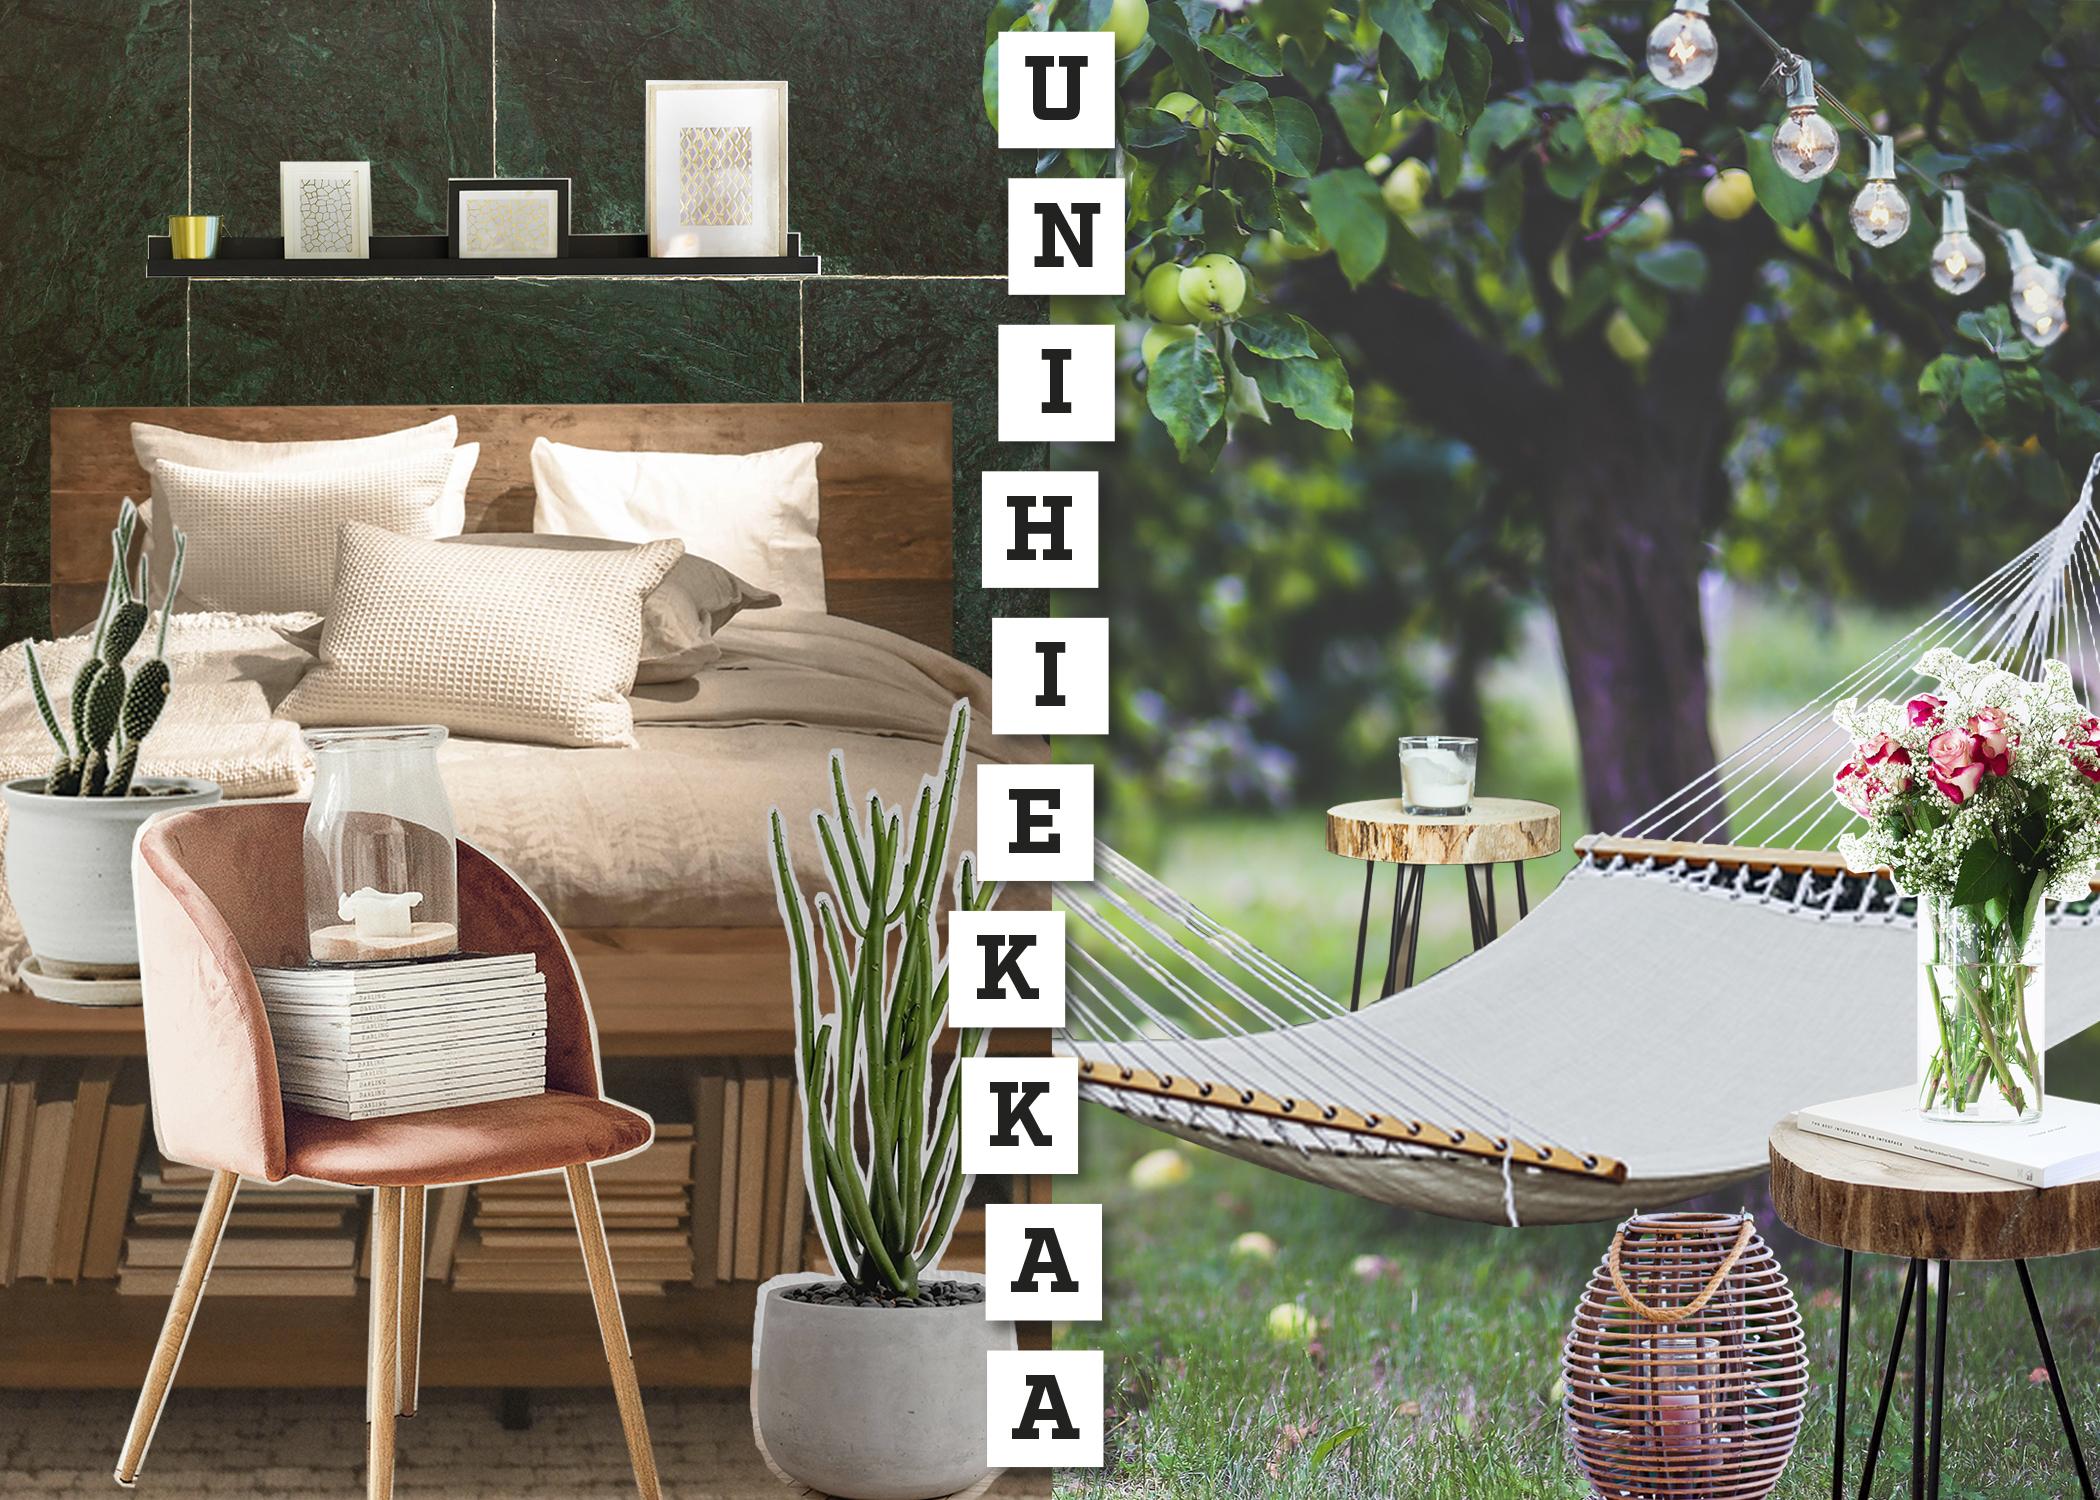 Piha&Koti-messujen Rinnakkain-alueen Unihiekkaa-tilan kuva